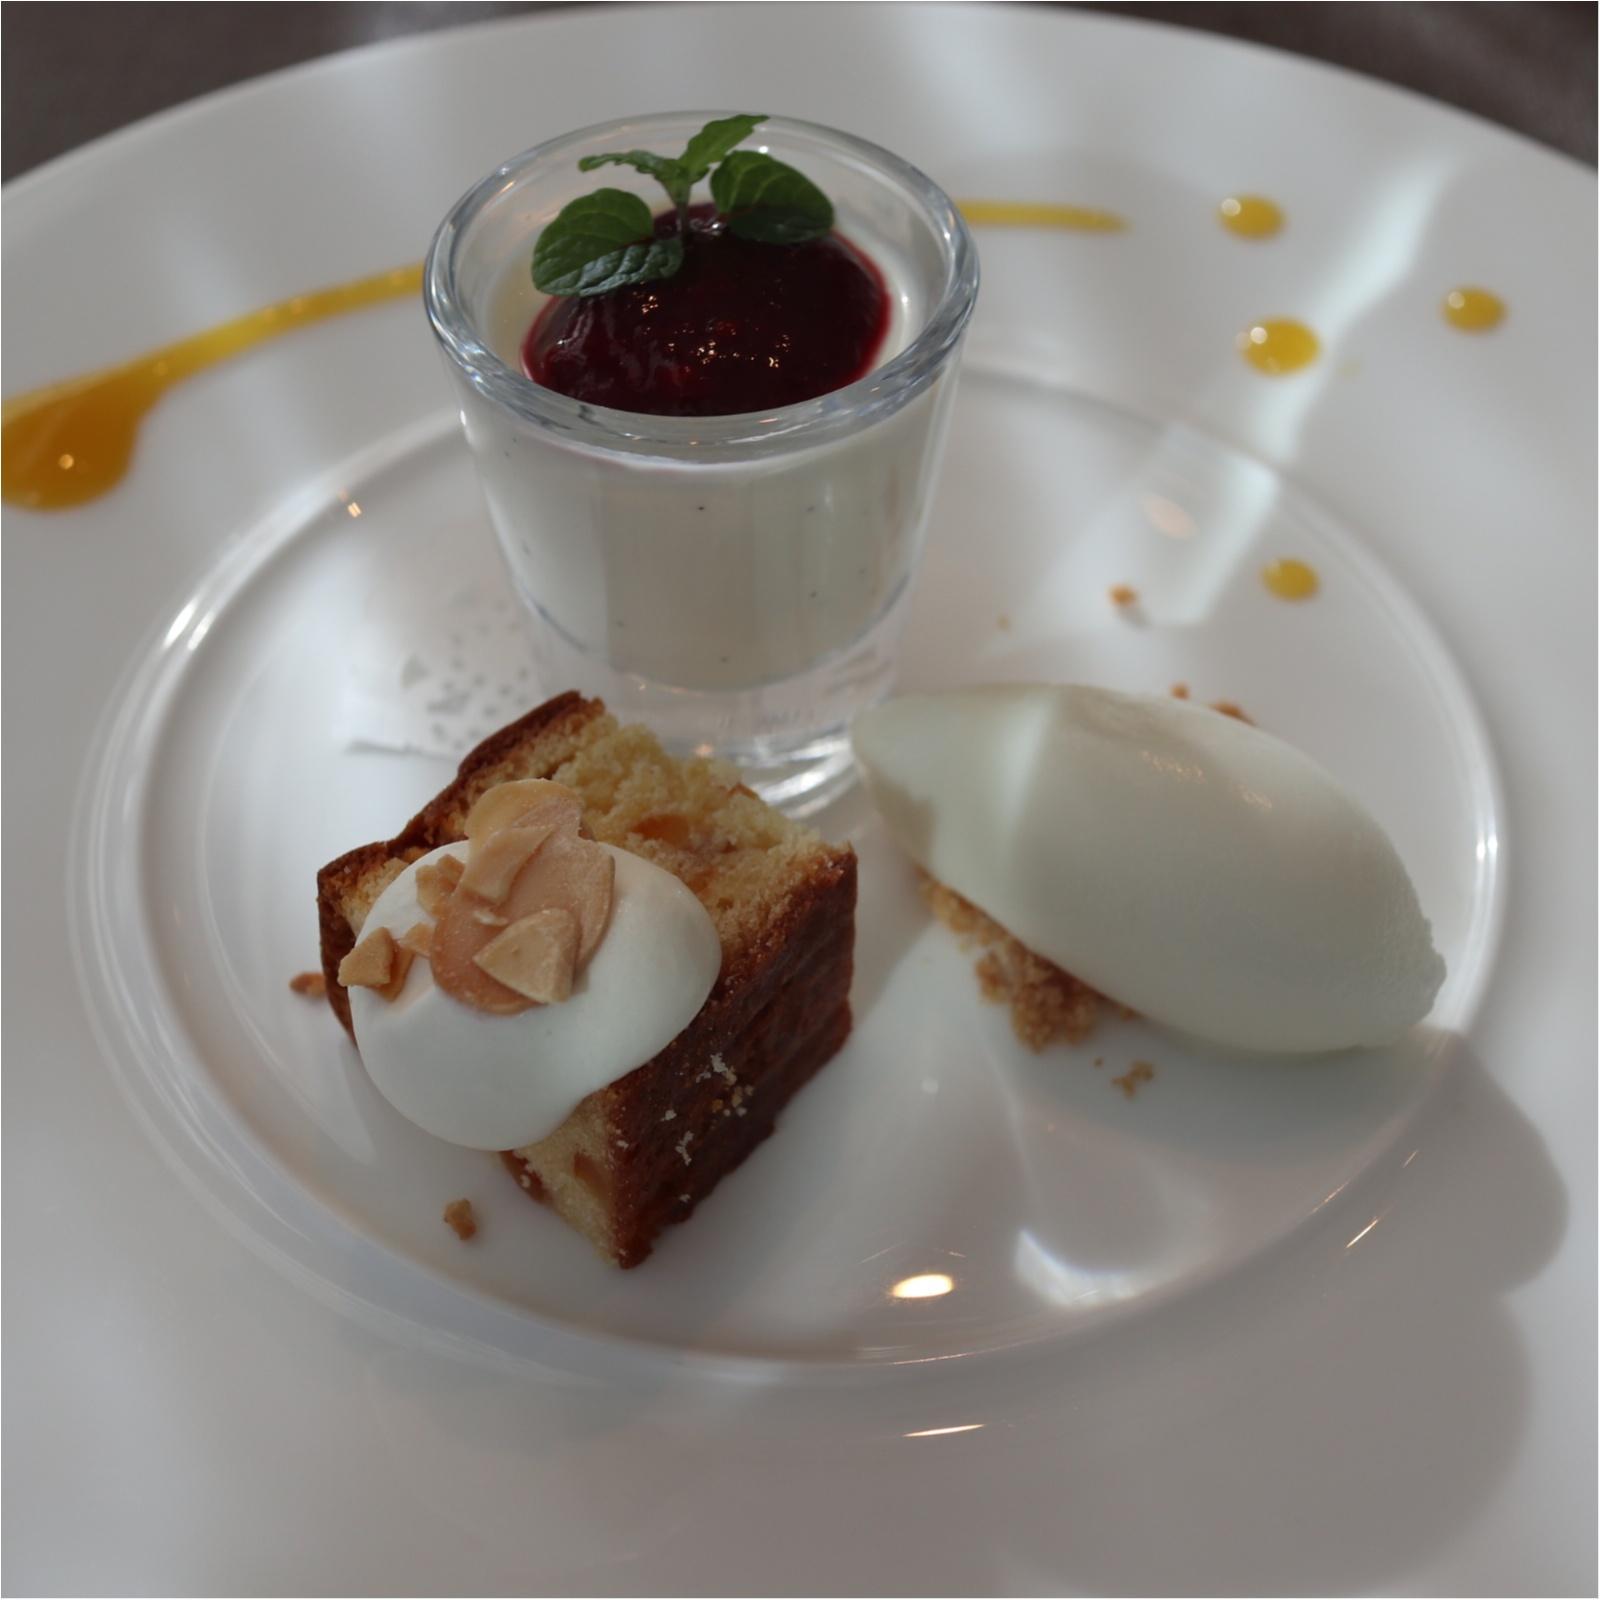 【銀座グルメ】牛フィレ肉が絶品♡IL PINOLO(イルピノーロ)の贅沢ランチコース_5